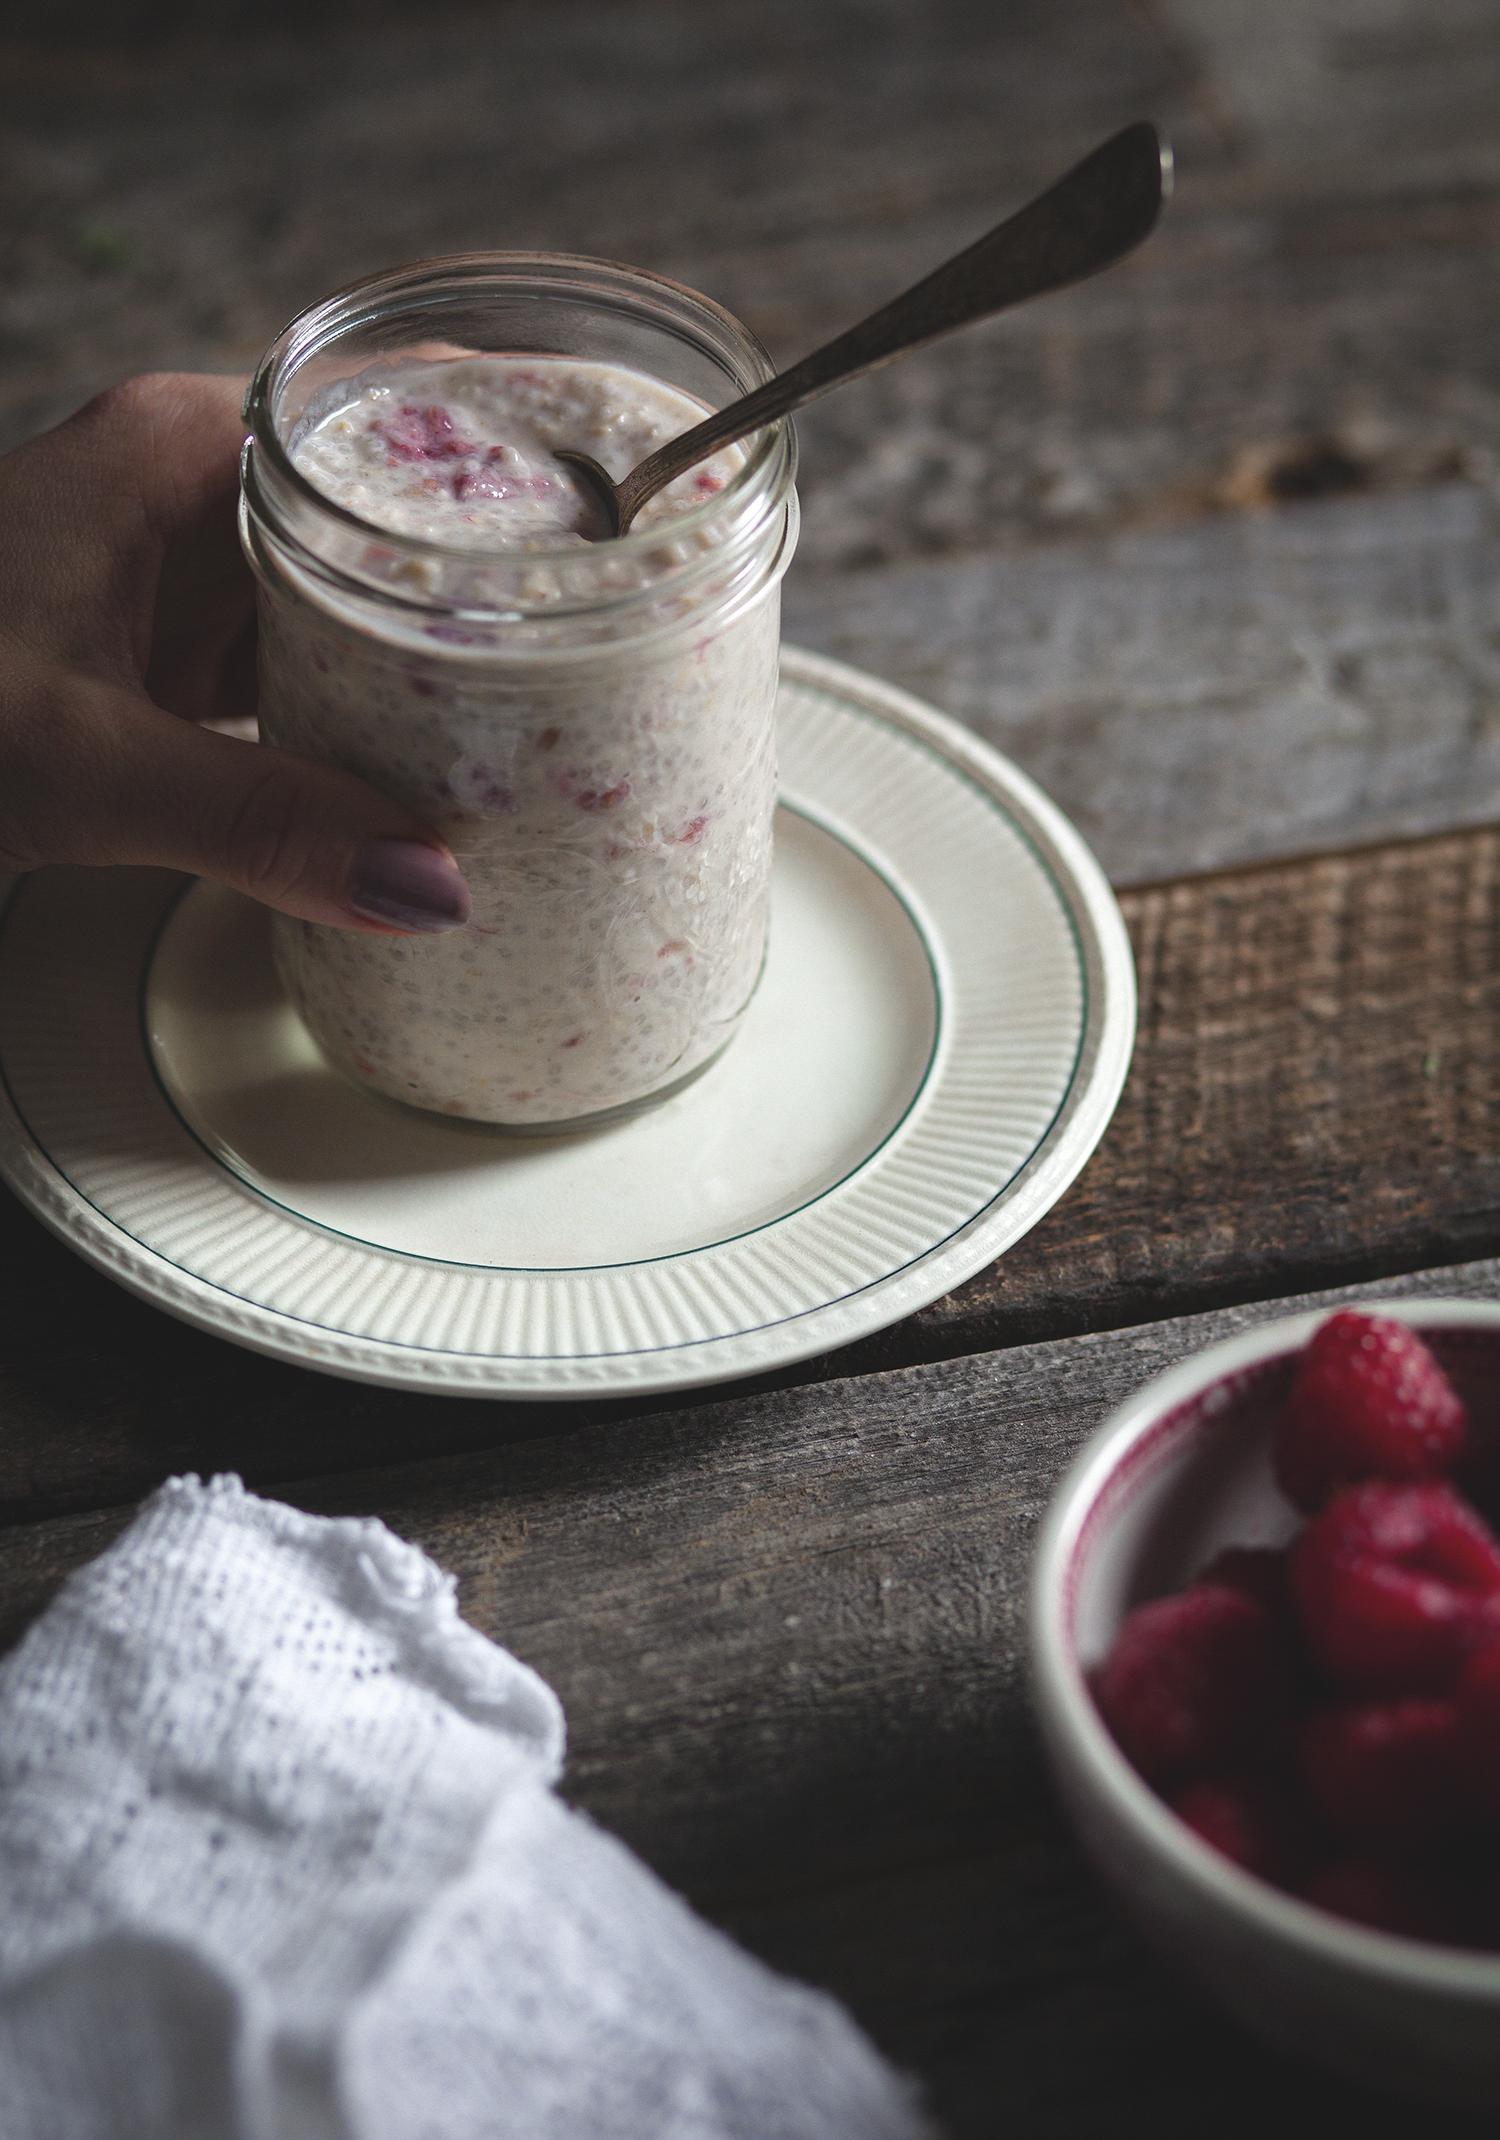 Credits : http://www.troisfoisparjour.com/en/web/trois-fois-par-jour/recettes/breakfast-brunch/gruau-d-avoine-chia-yogourt-erable-framboises